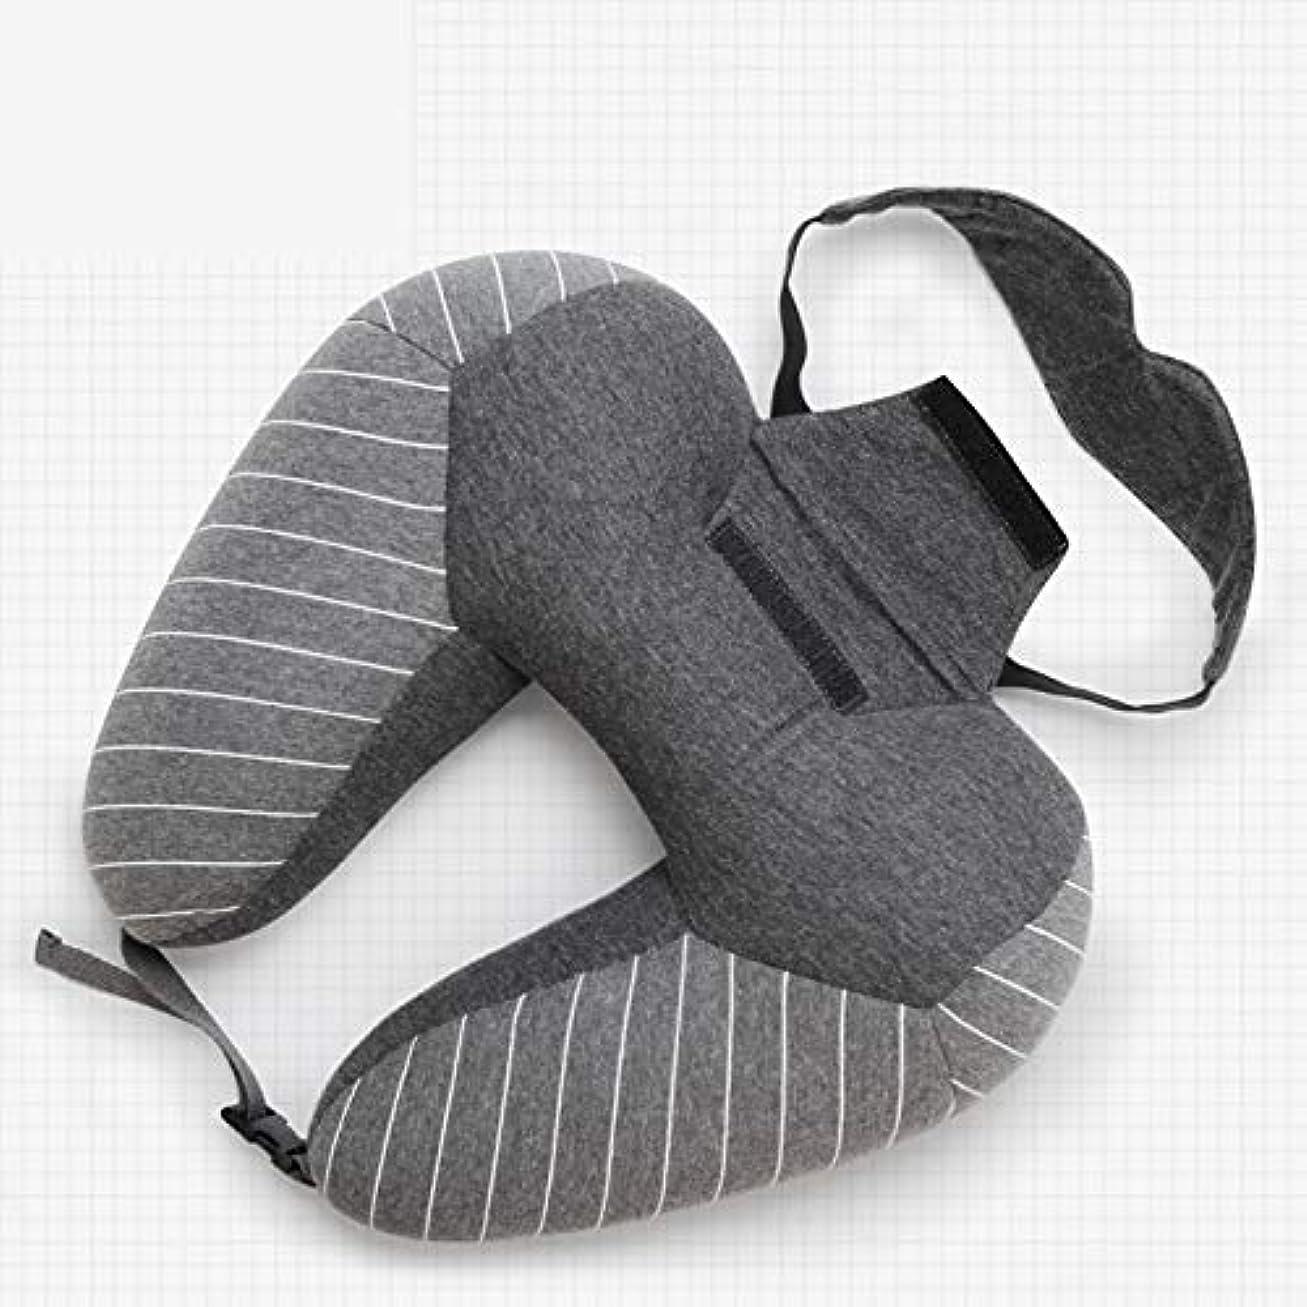 ペルソナフリッパー地域のNOTE アイマスク付き睡眠クッションのためのh形旅行アイピロー屋外多機能軽量ナップネックピロー車飛行機